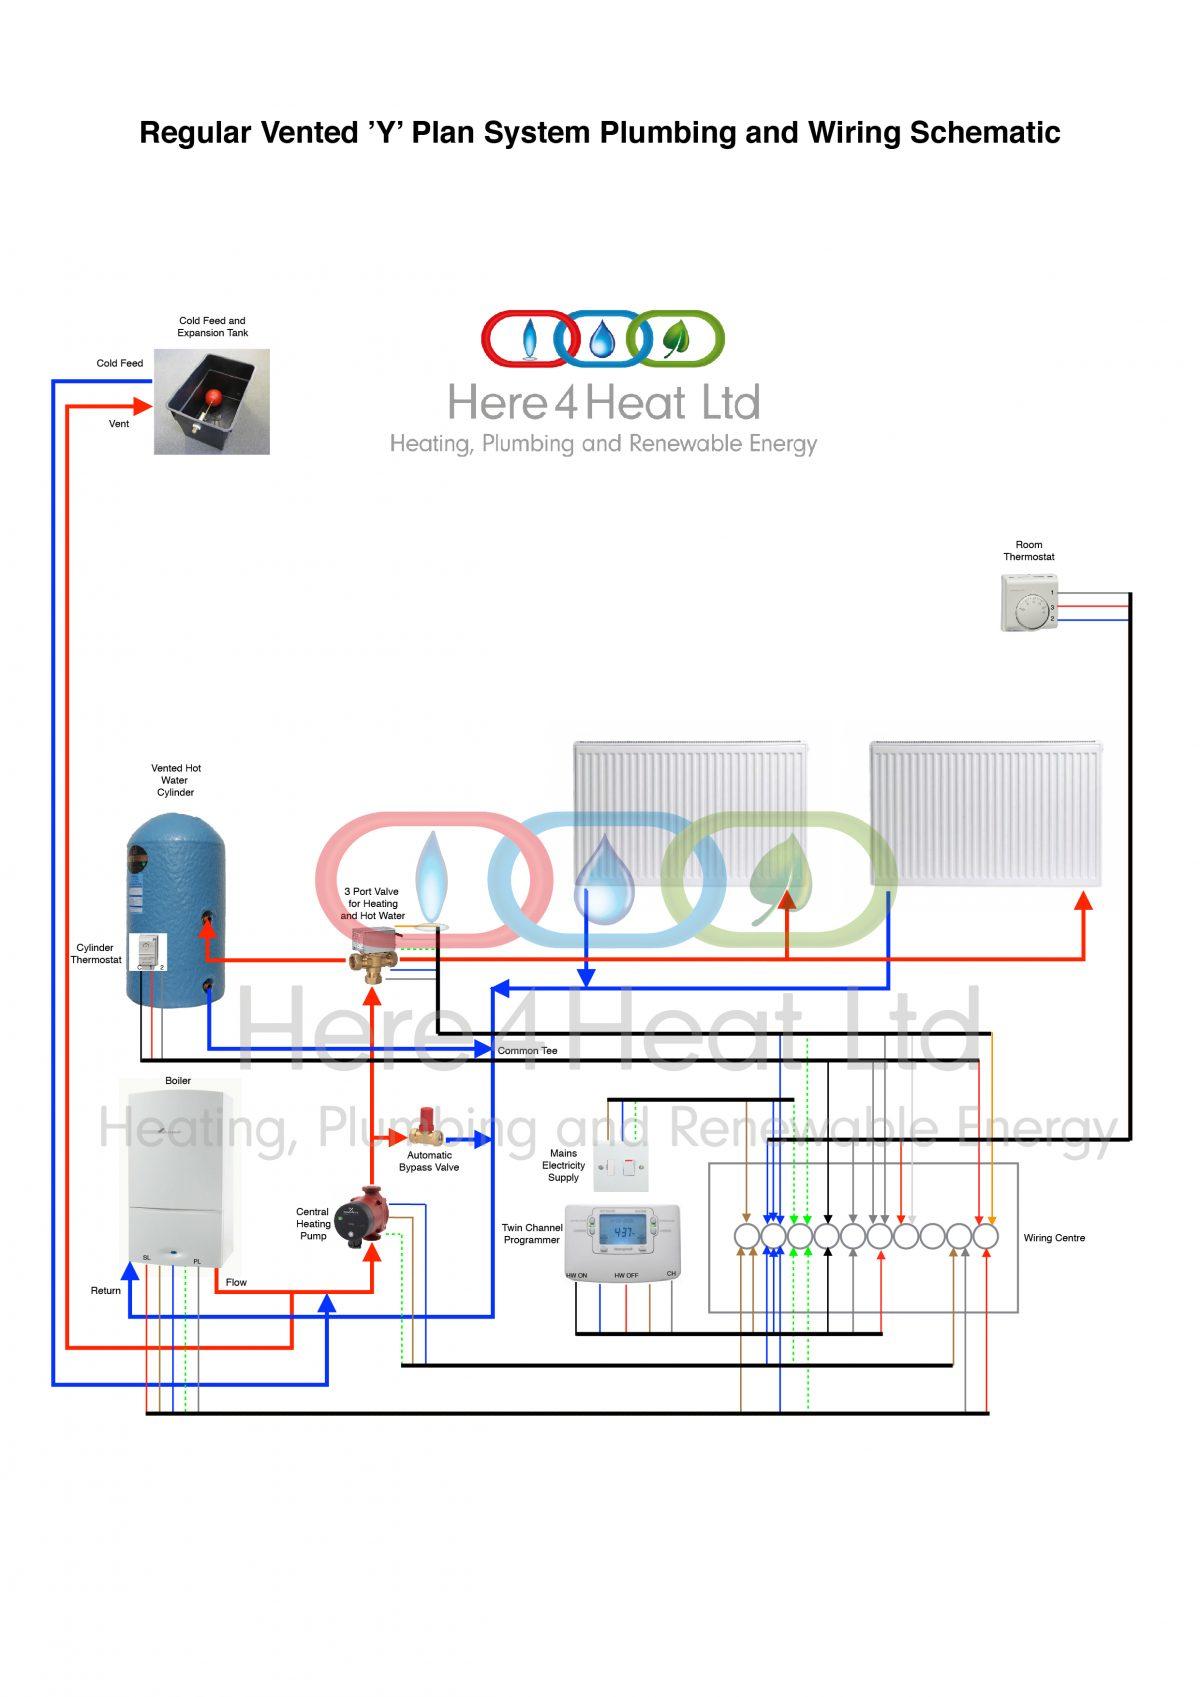 https://here4heat.com/wp-content/uploads/2018/06/Here-4-Heat-Regular-Vented-Y-Plan-Plumbing-and-Wiring-Schematic-Diagram-01-1200x1697.jpg